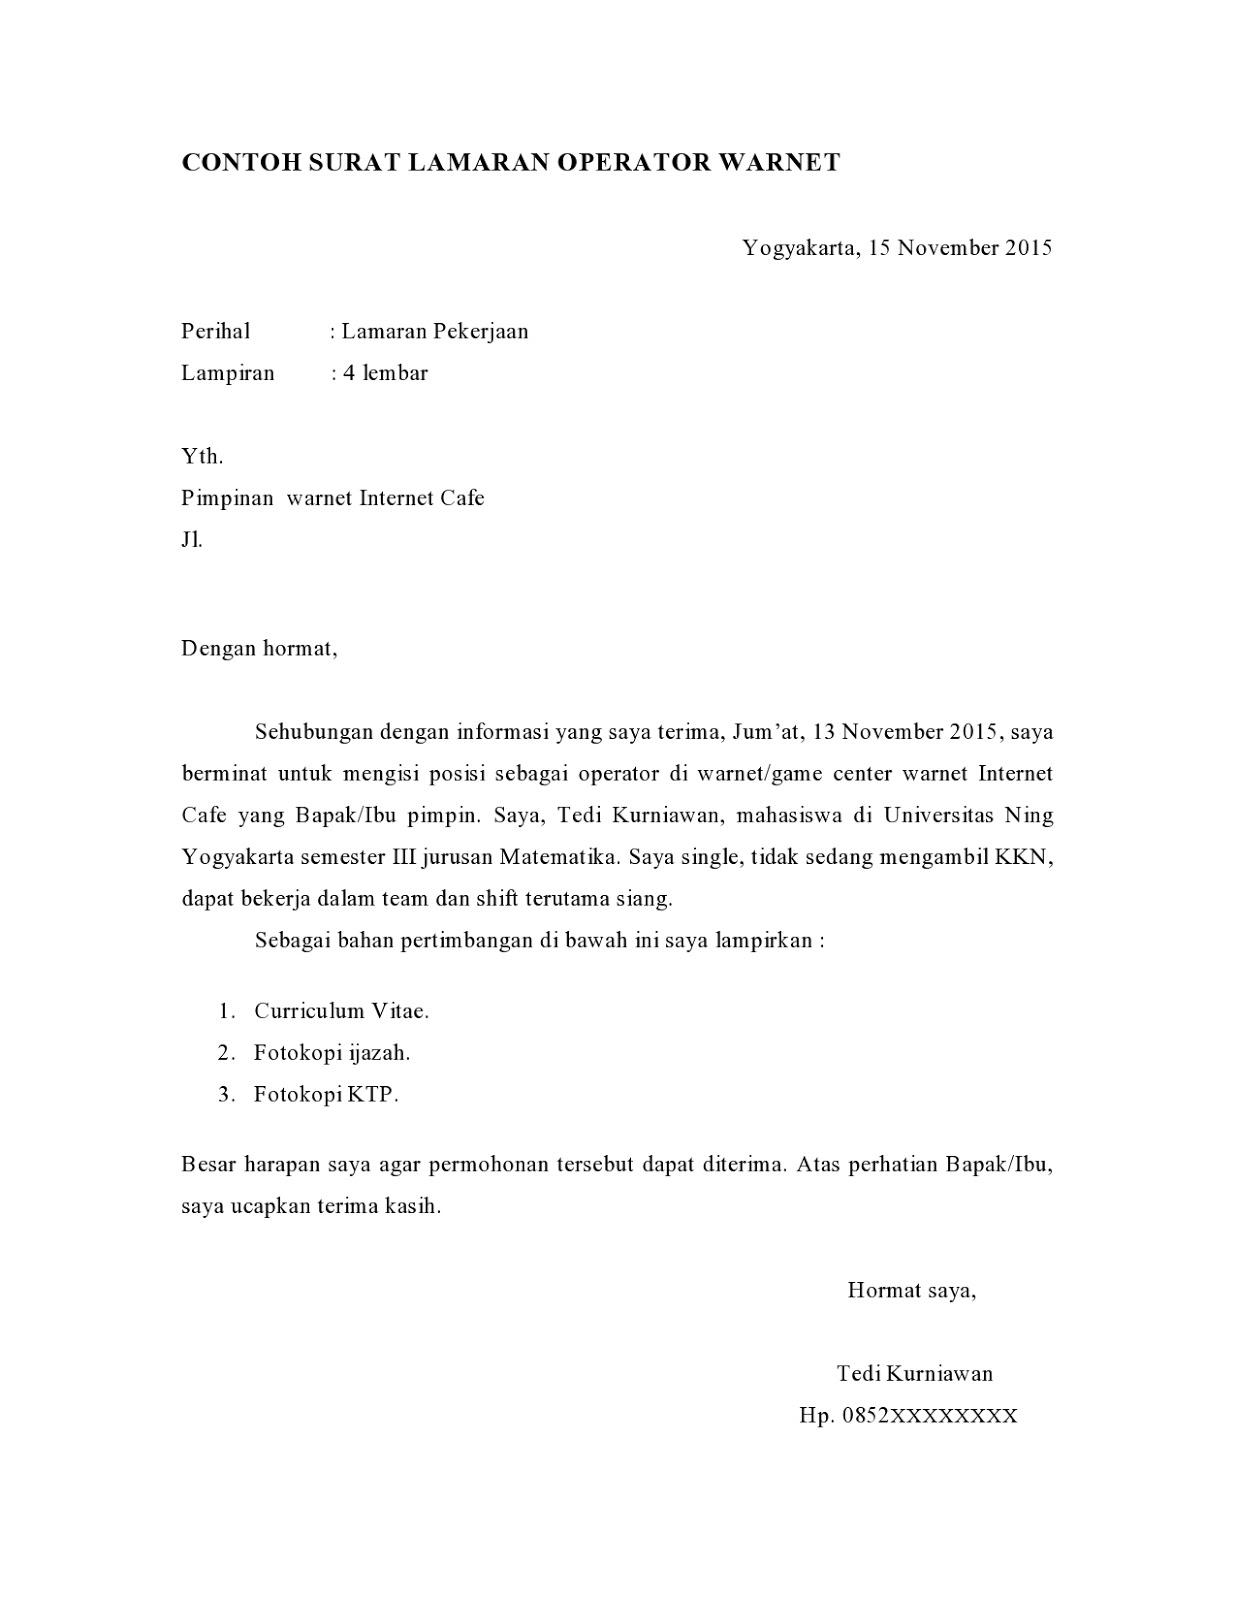 contoh surat lamaran kerja di warnet lengkap, cara membuat surat lamaran kerja di warnet, contoh surat lamaran pekerjaan, contoh cv, susan-jobs.blogspot.com